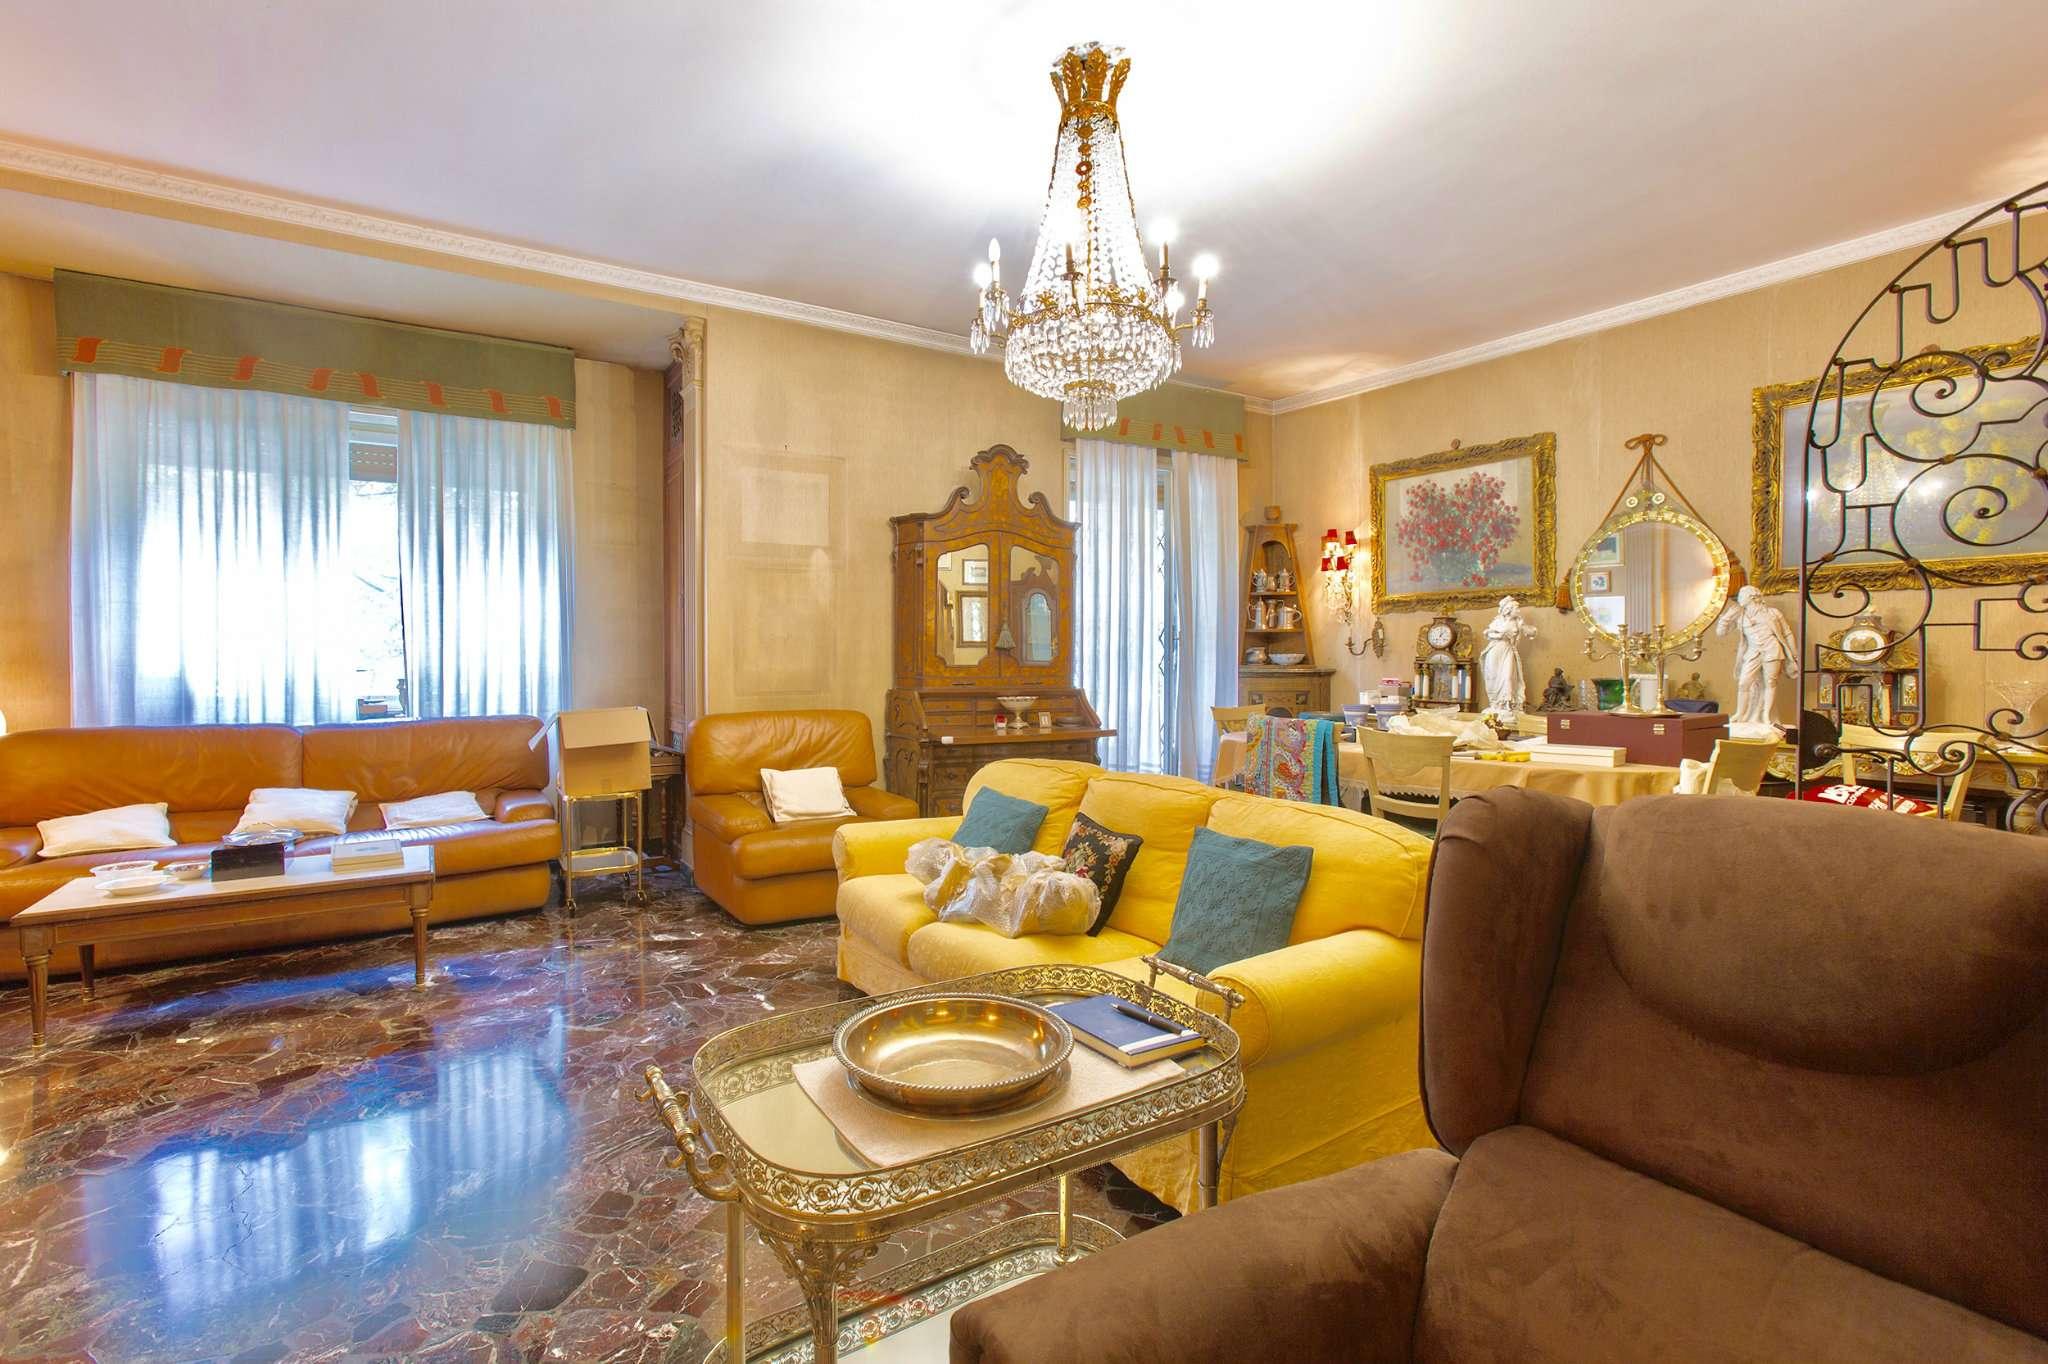 Appartamento in Vendita a Milano 06 Italia / Porta Romana / Bocconi / Lodi: 4 locali, 158 mq